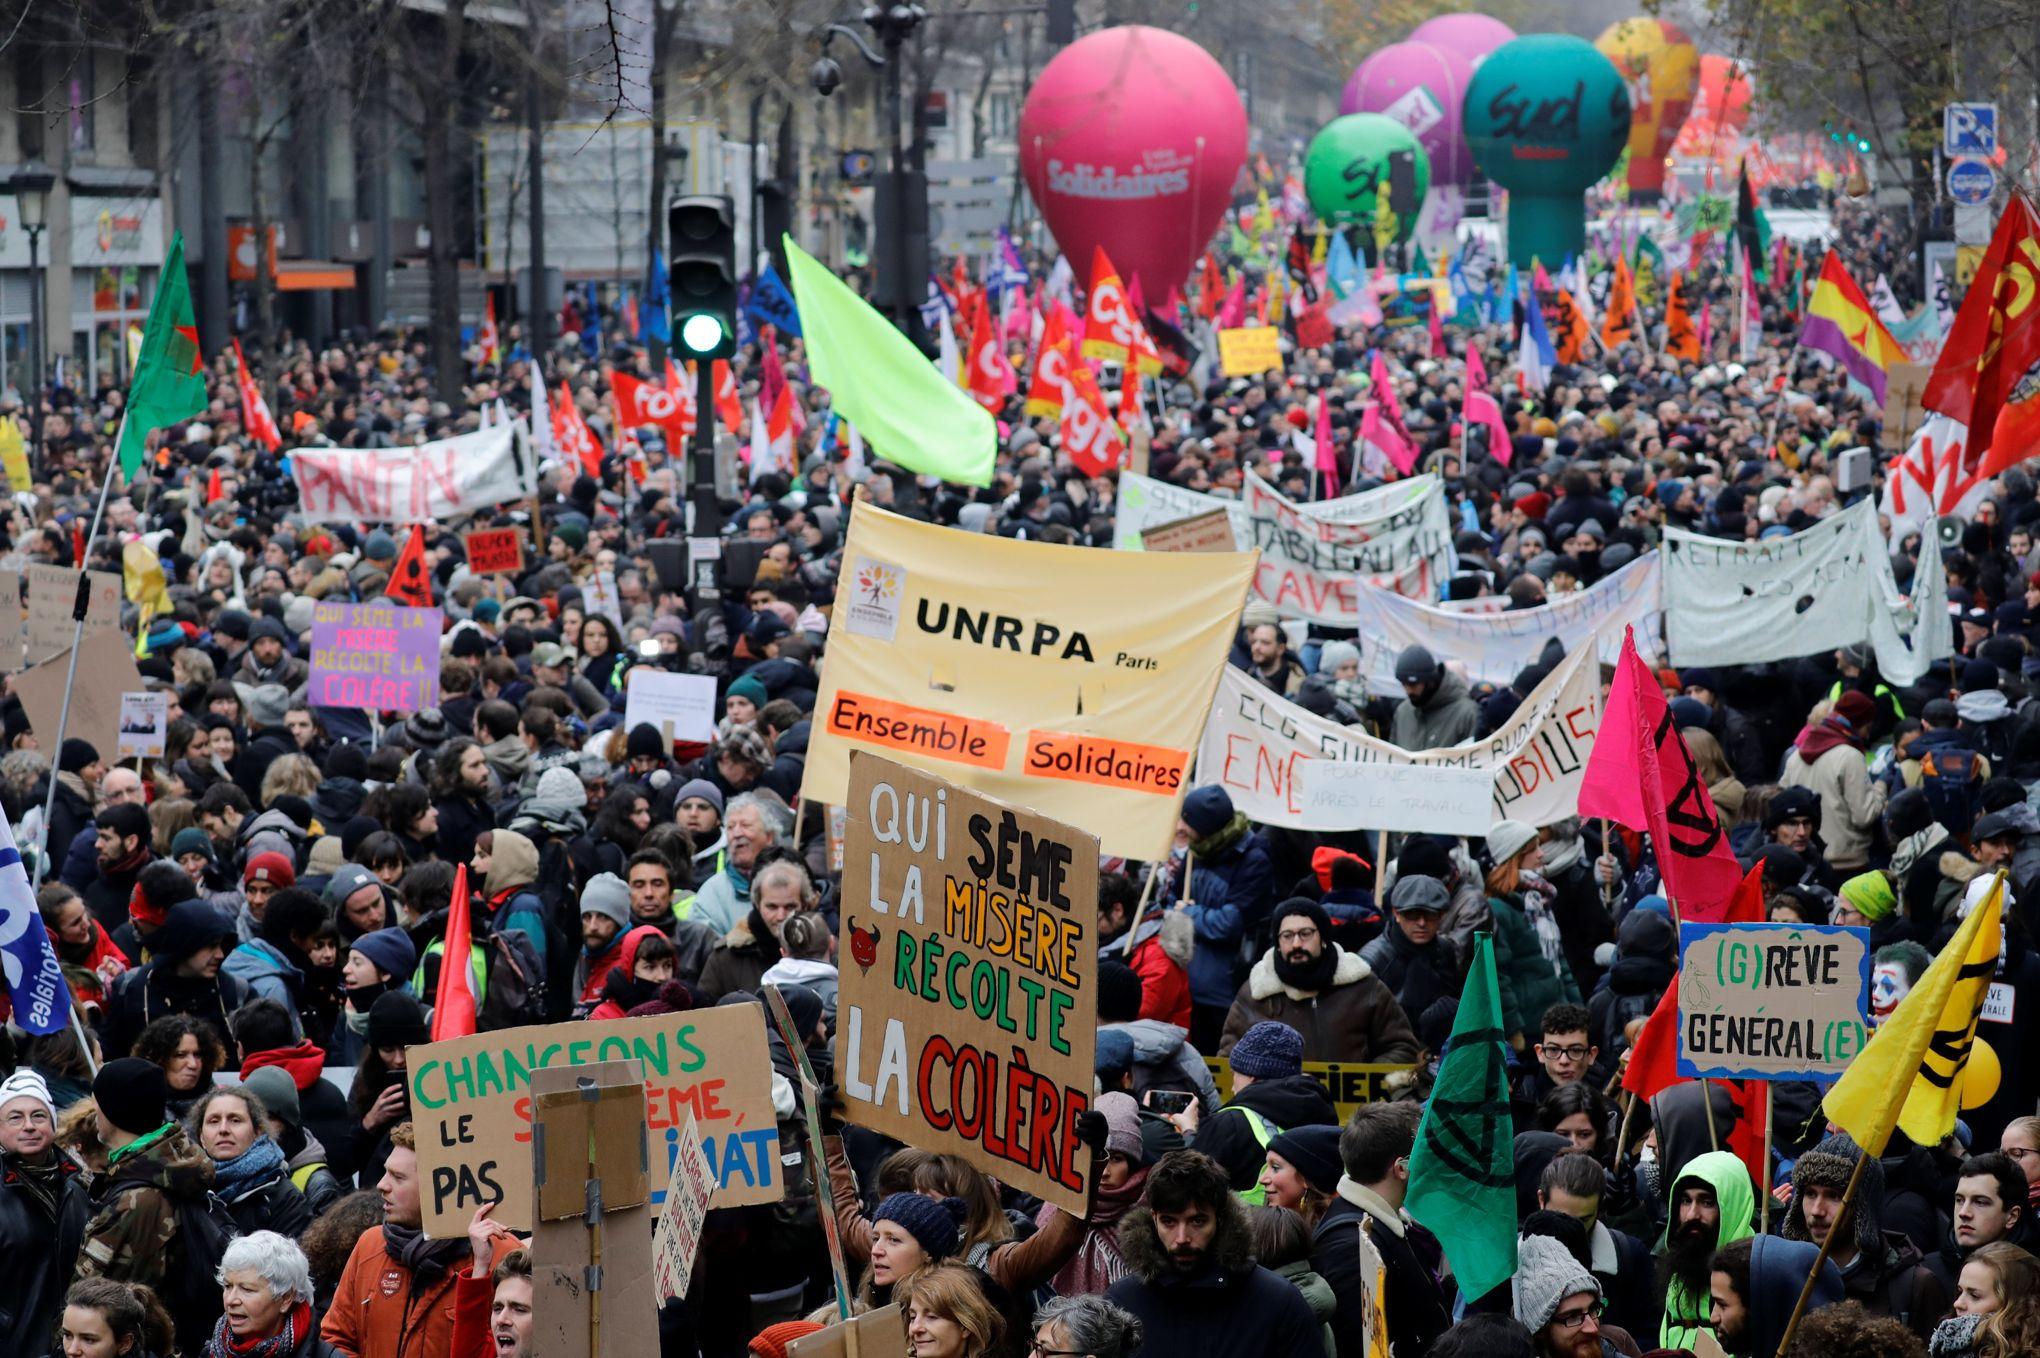 «Le 5 décembre a amorcé l'implosion sociale de la France»